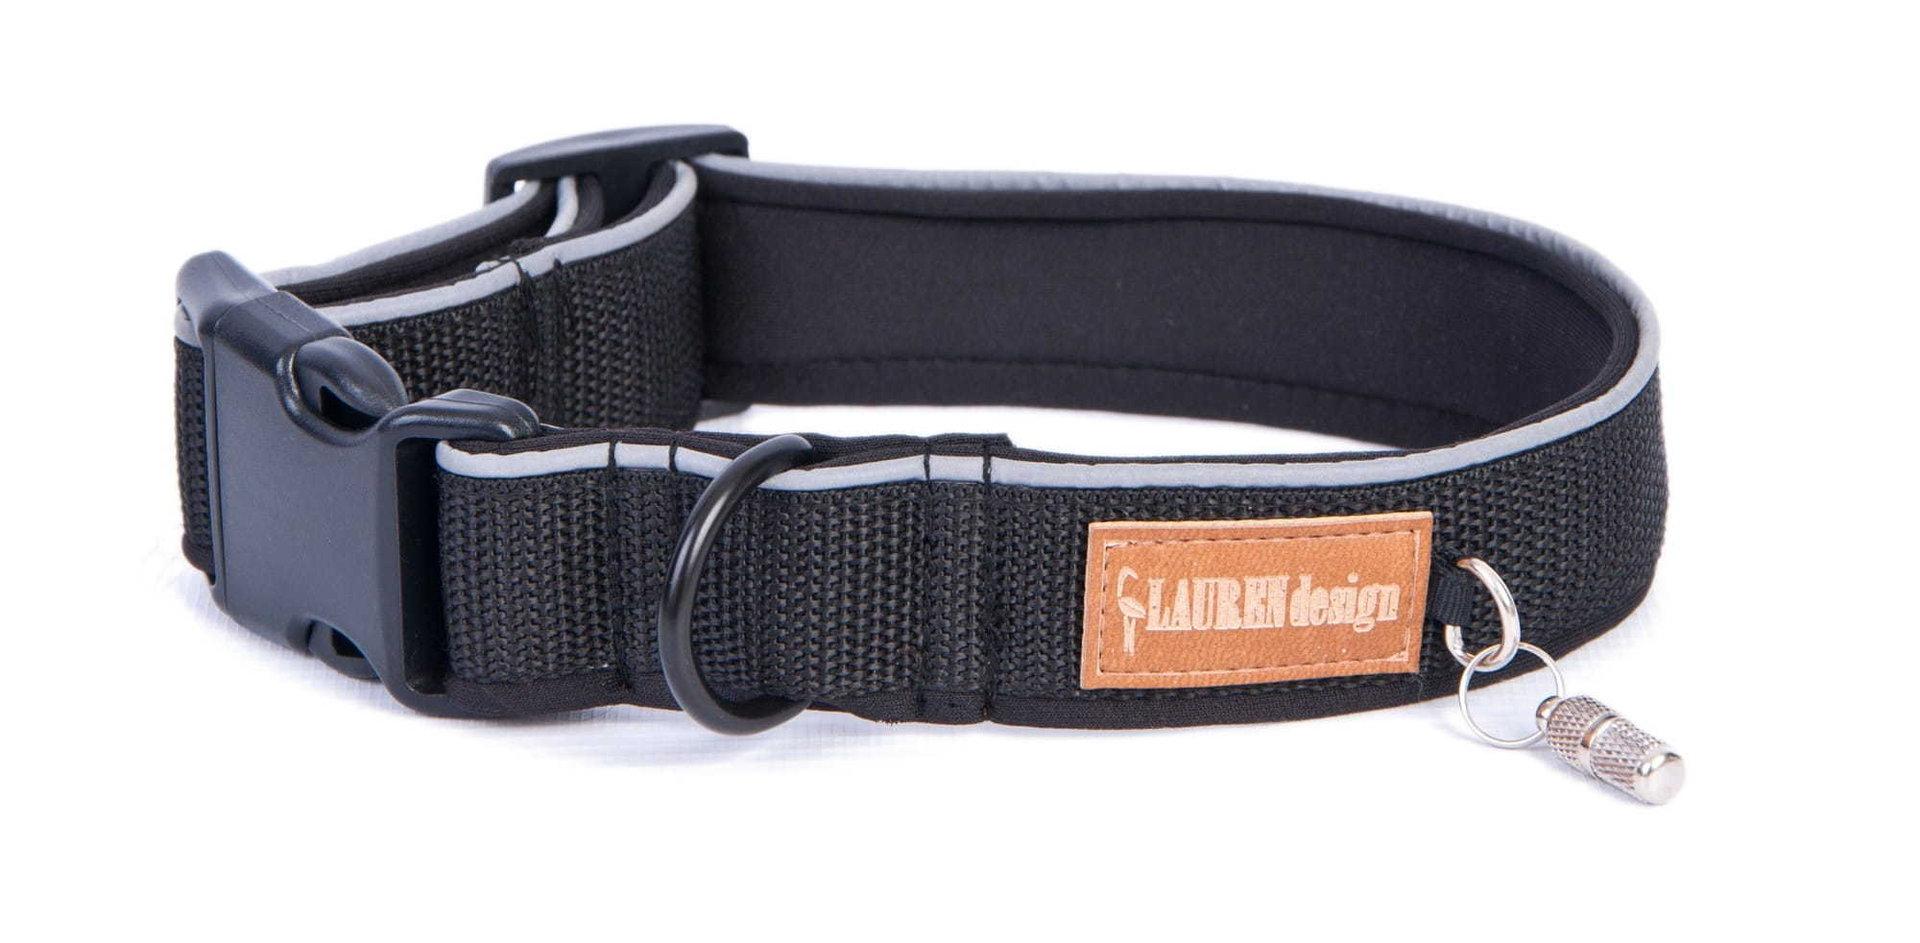 Halsband, schwarz, S - XL